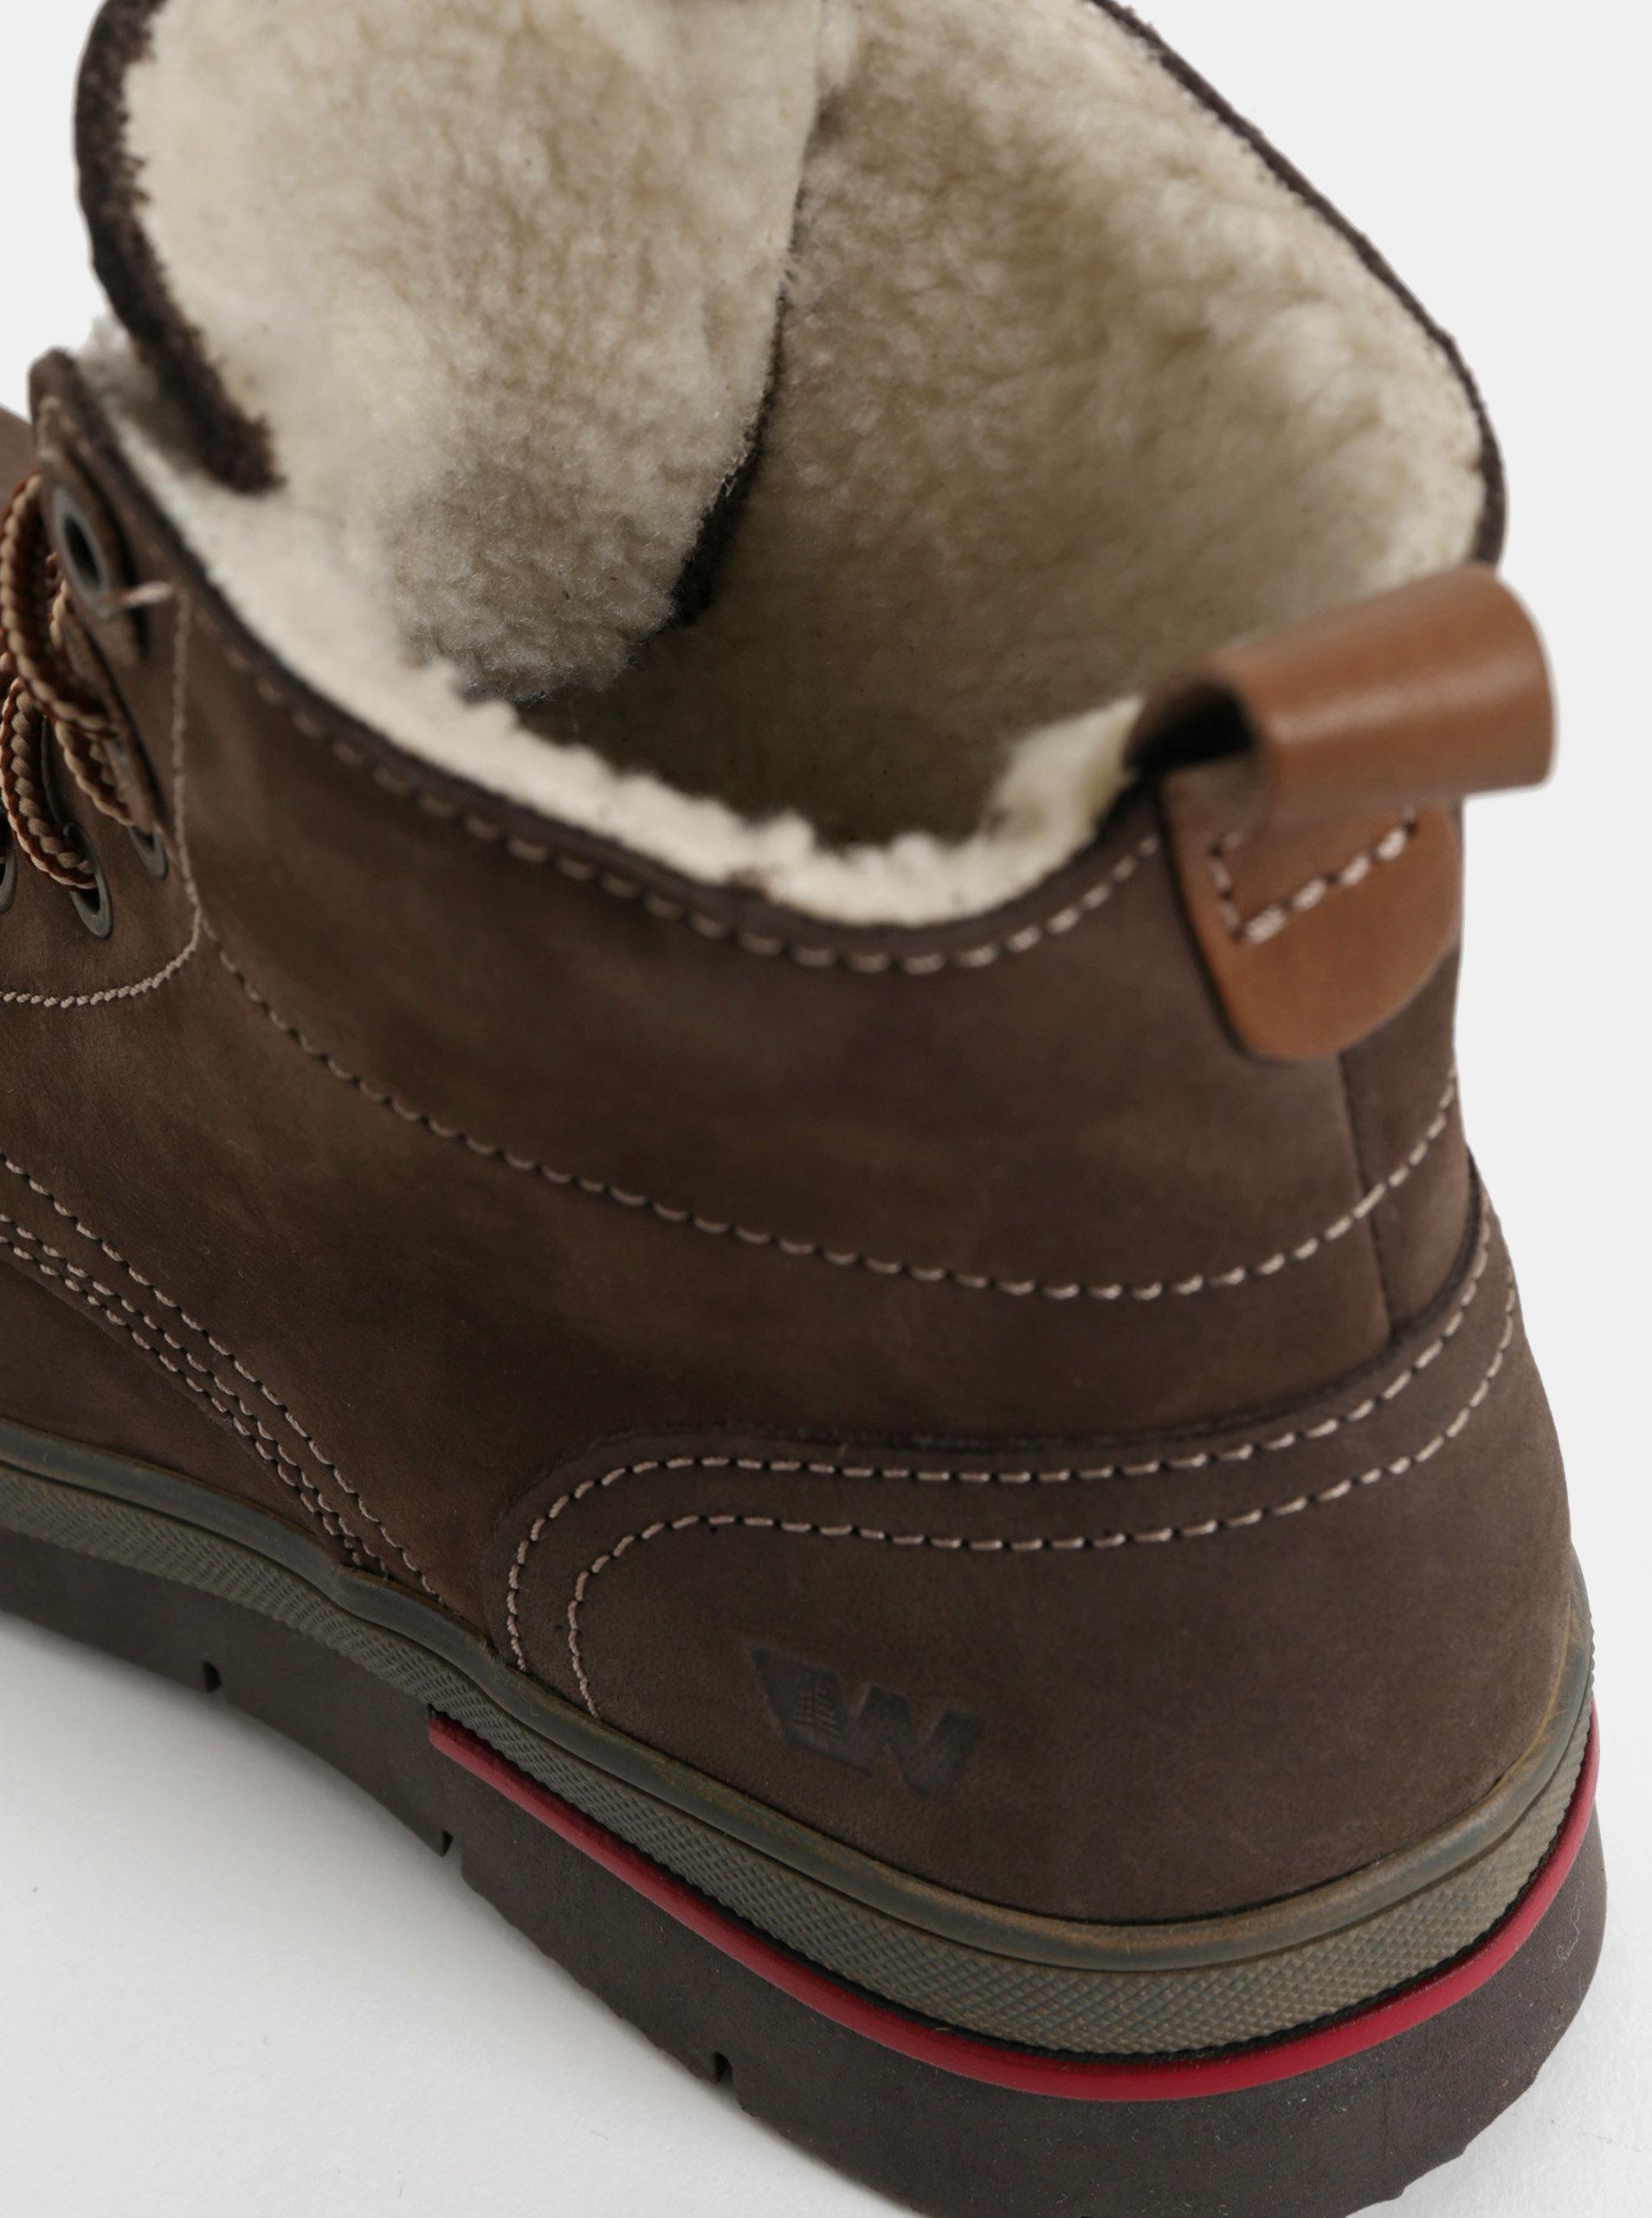 90bad431541e9 Tmavohnedé dámske kožené členkové zimné topánky s umelou vnútornou  kožušinkou Weinbrenner ...